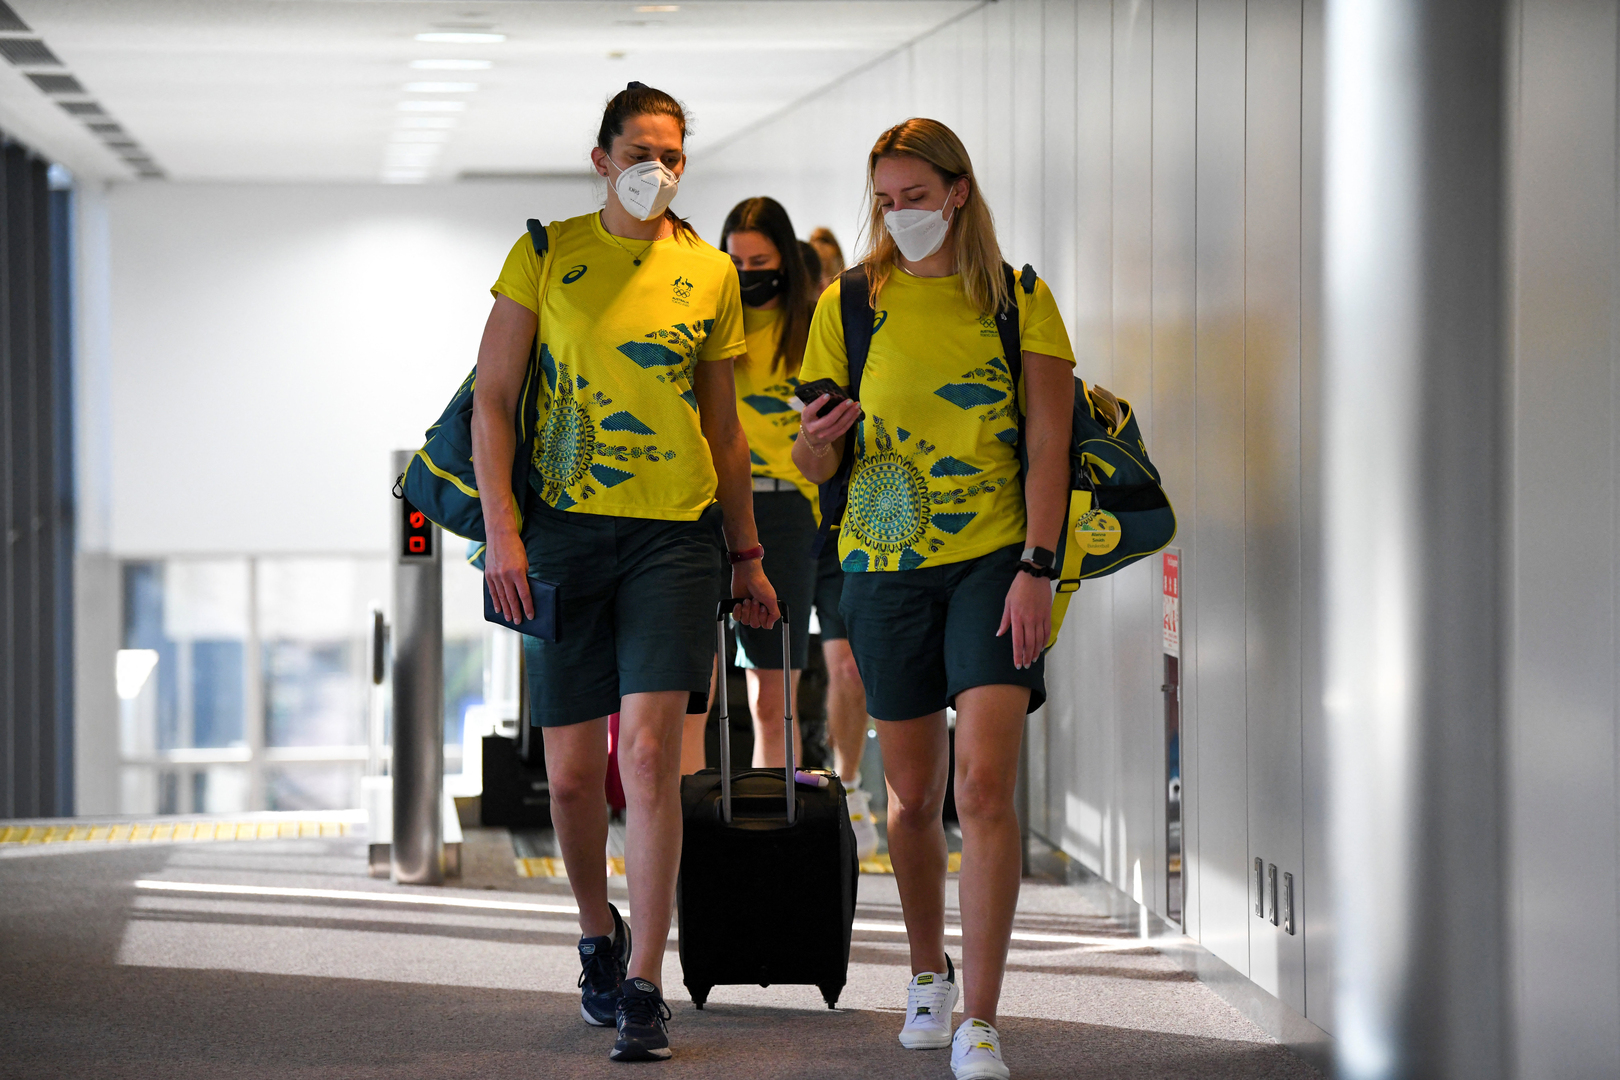 منتخب أستراليا النسائي يواجه البرازيل وديا اليوم